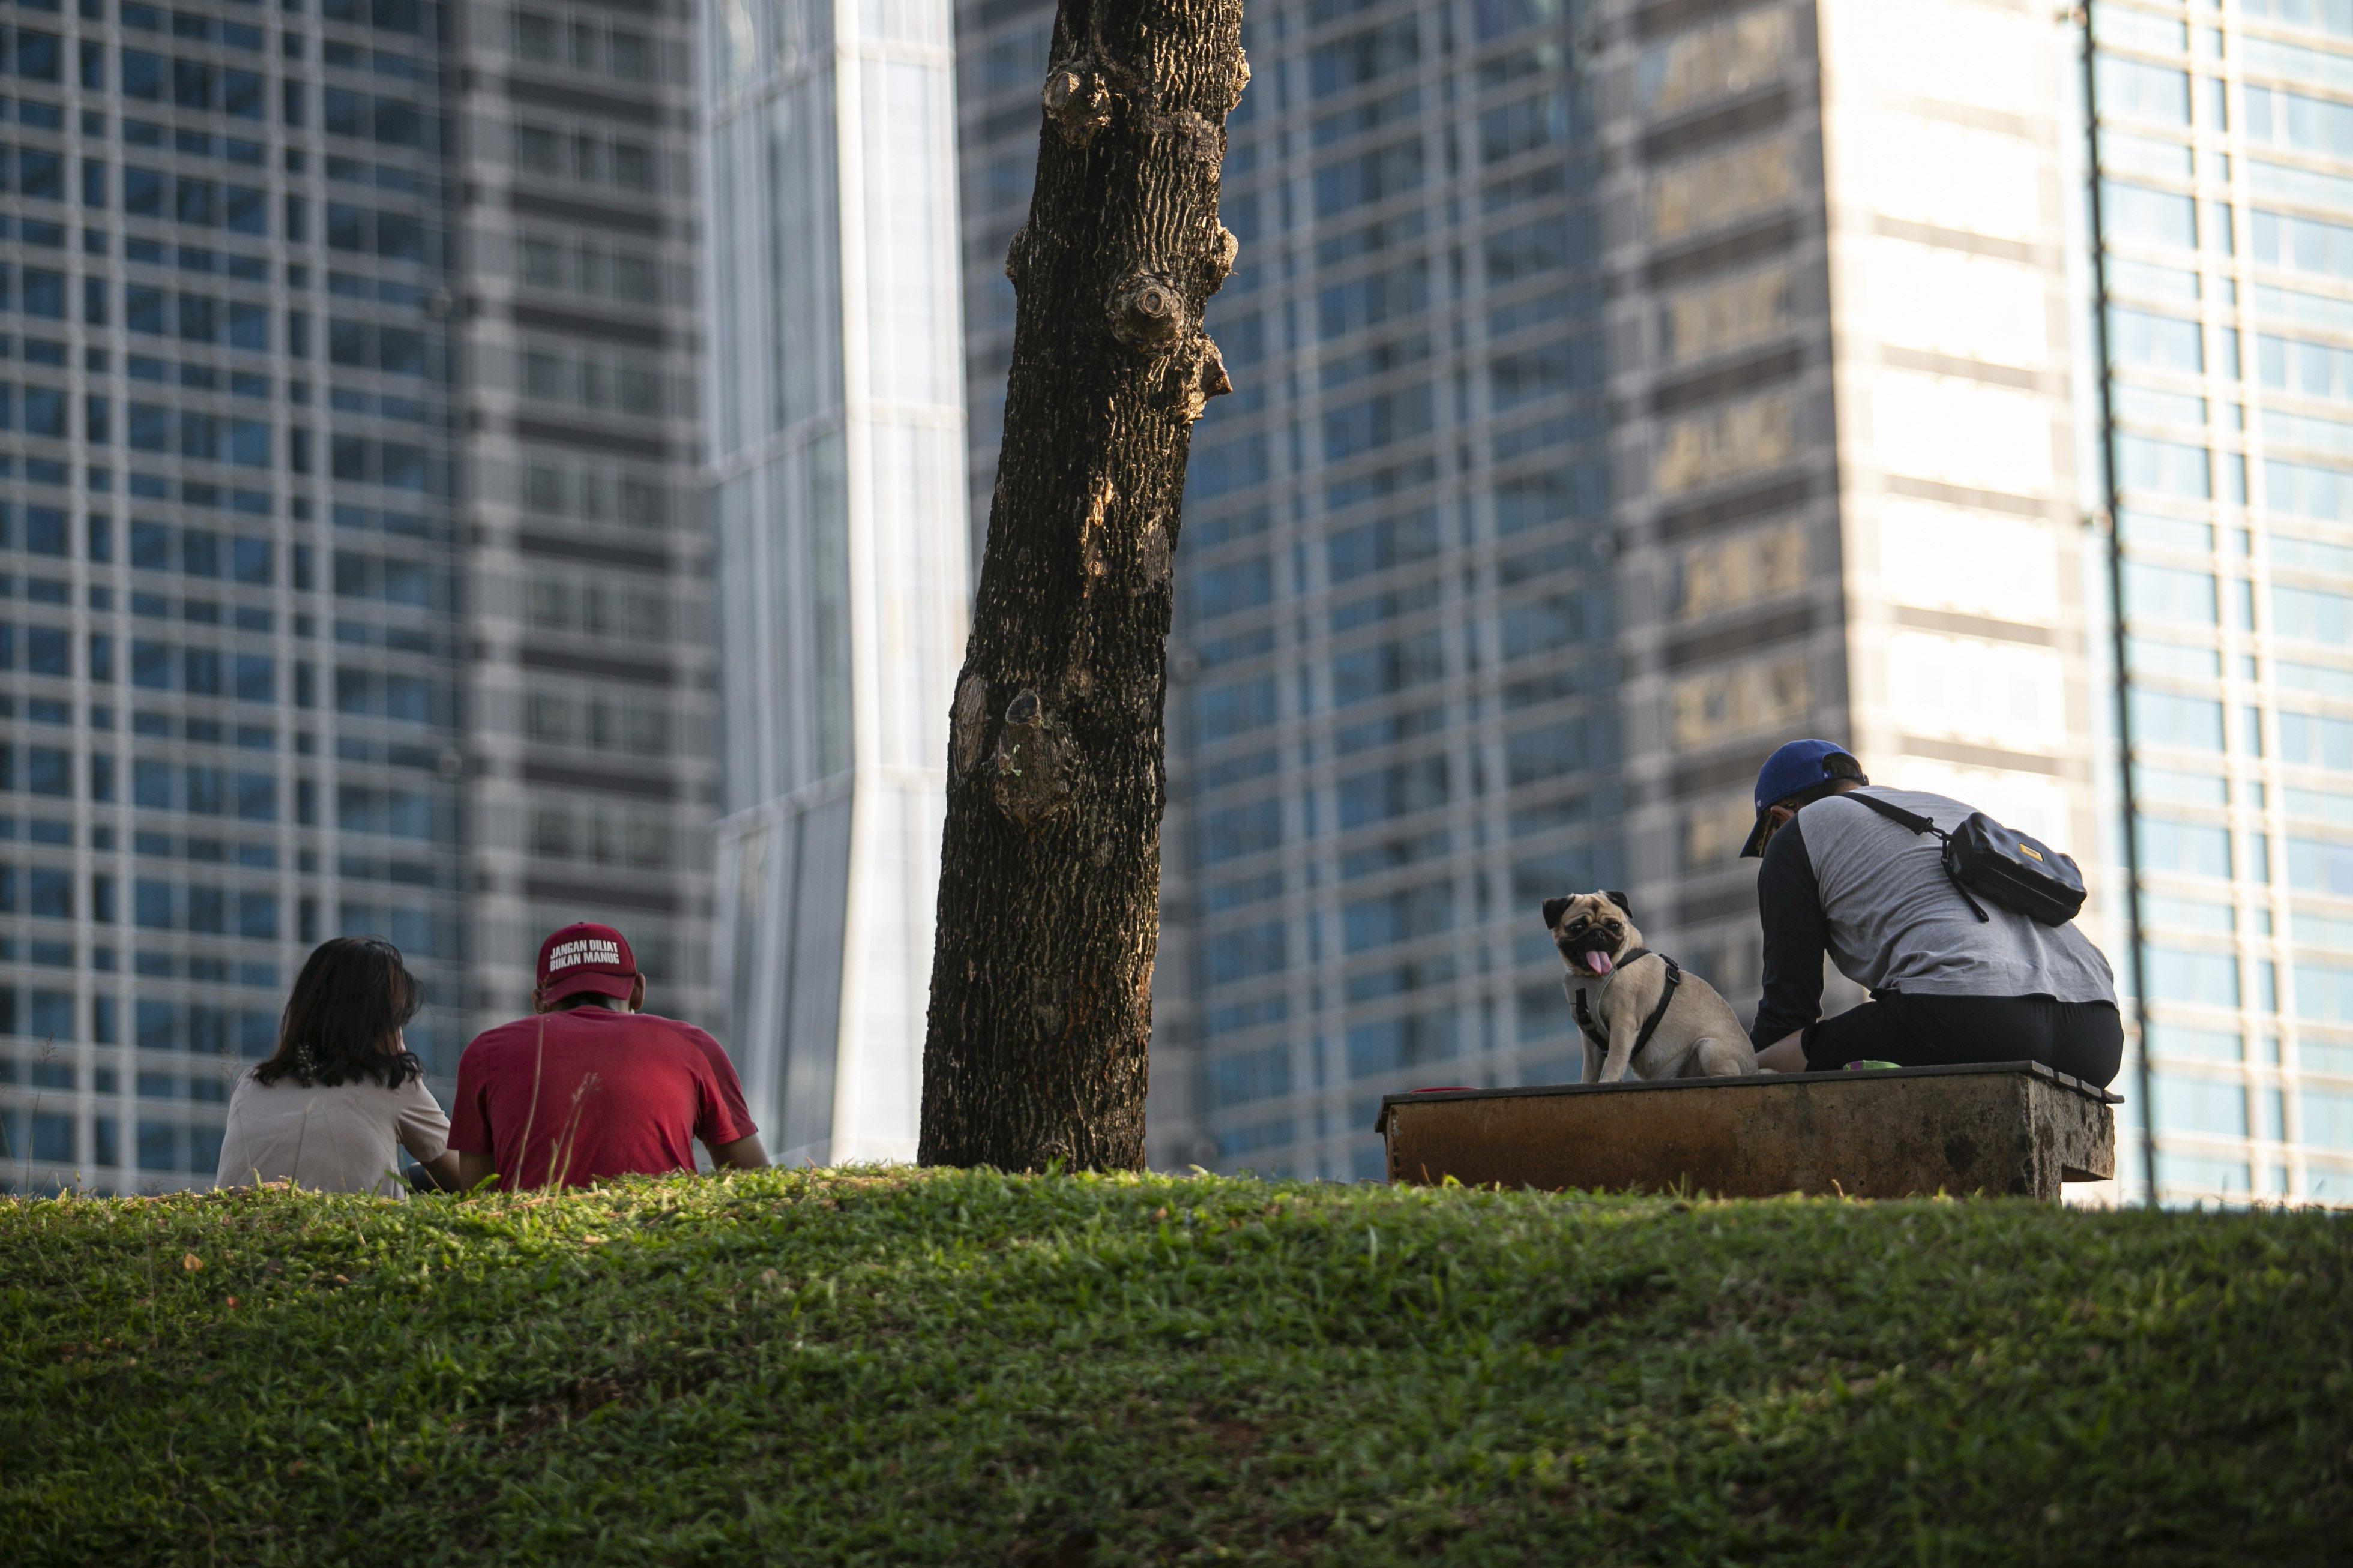 Warga beraktivitas di Hutan Kota Gelora Bung Karno (GBK), Senayan, Jakarta, Sabtu (22/08/2020). Pengunjung memanfaatkan pemandangan dan suasana Hutan Kota GBK untuk menghabiskan libur akhir pekan di tengah pandemi Covid-19.